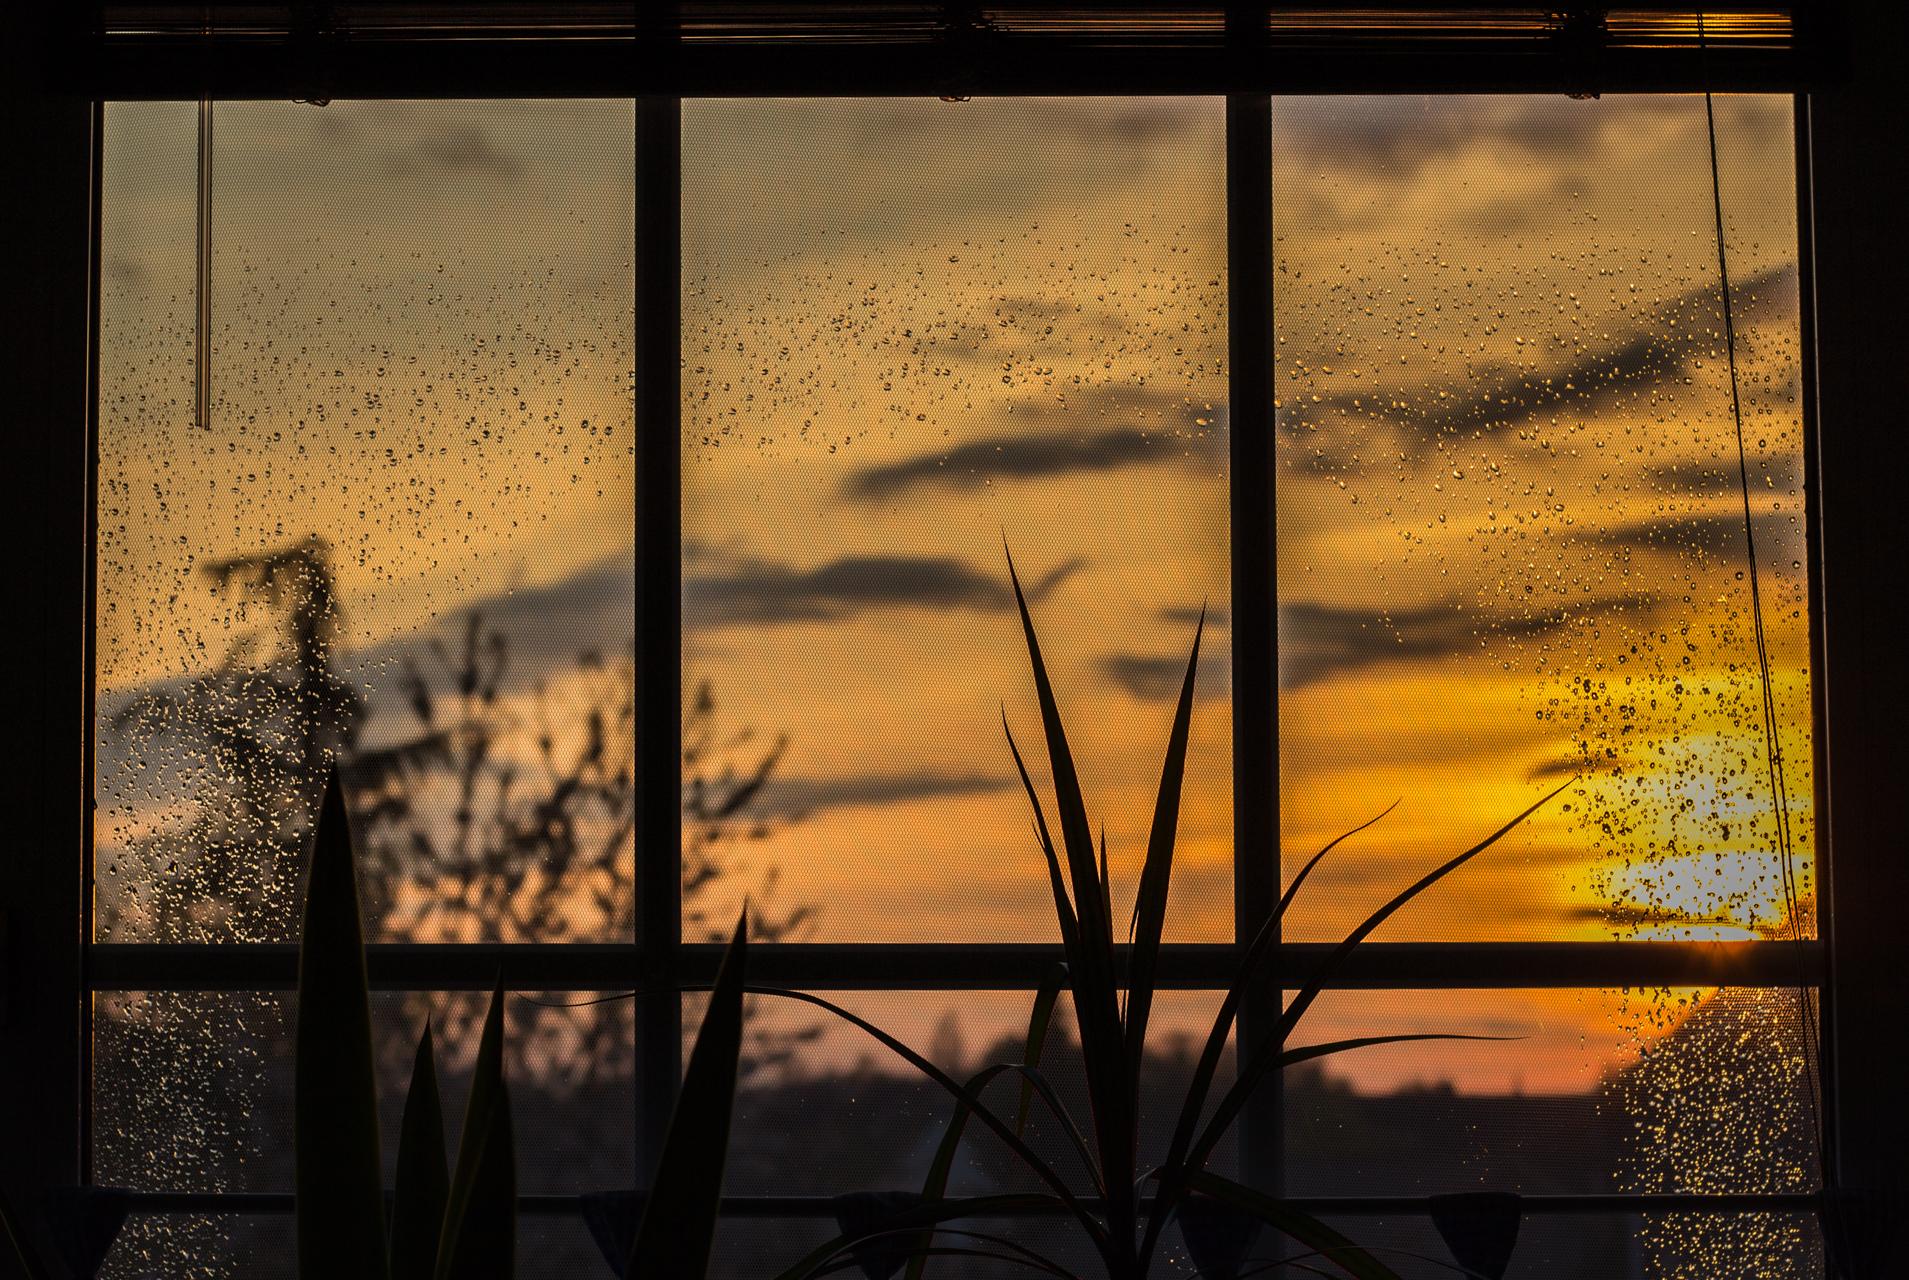 aus dem Küchenfenster